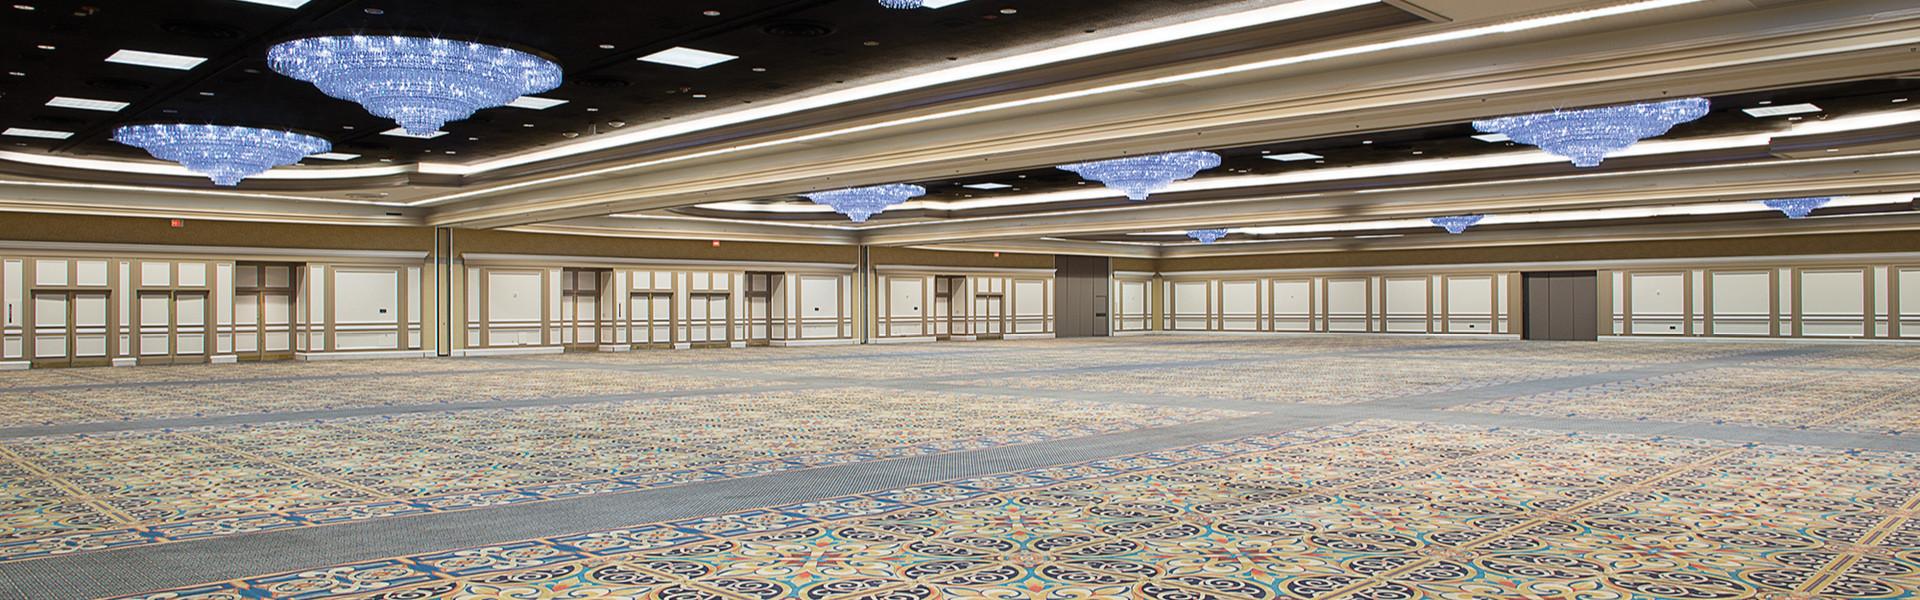 Expo Hotel Deals In Orlando -